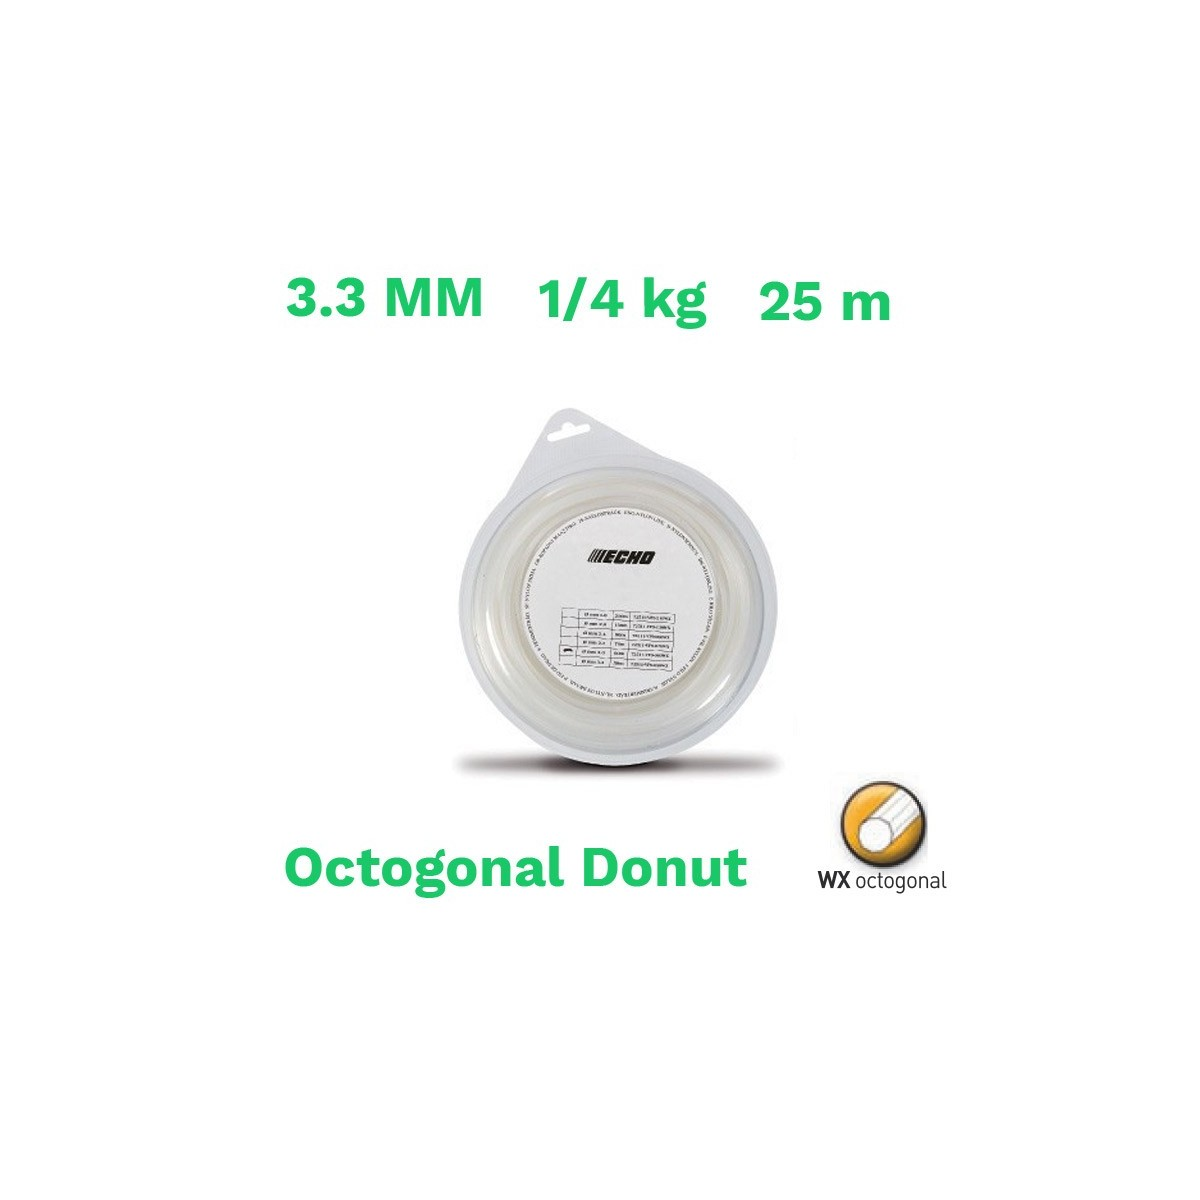 Echo hilo nylon octogonal donut 3.3 mm 1/4 kg 25 m